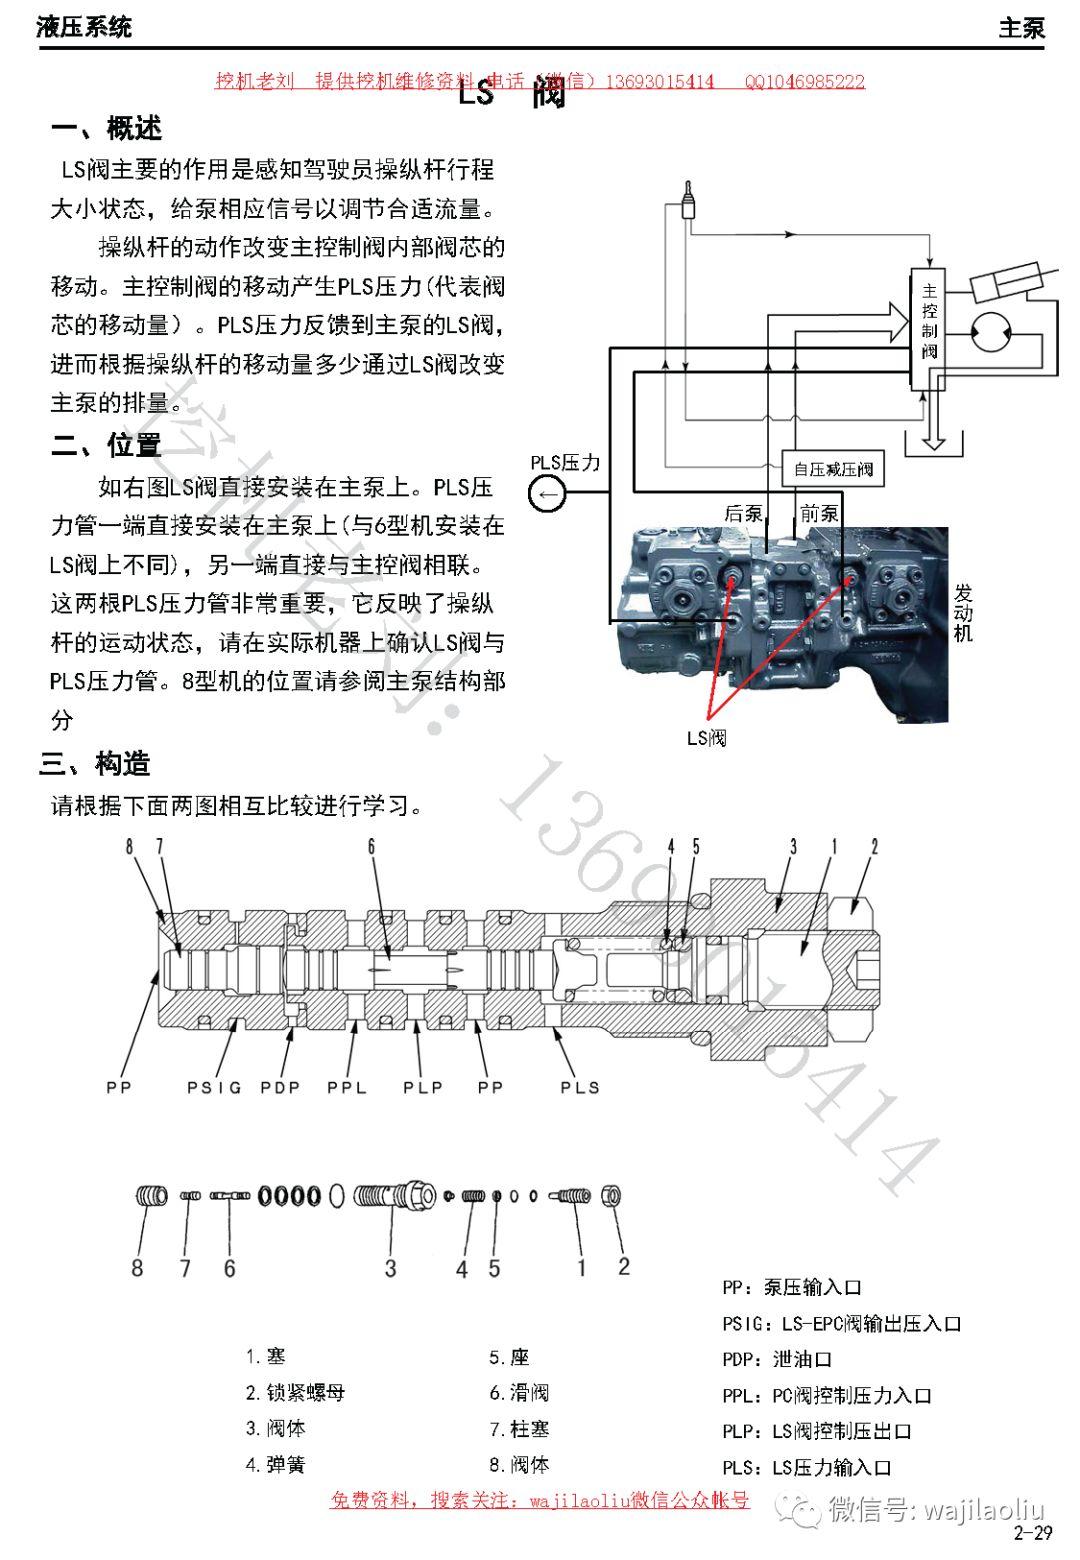 争压泵的原理_高压煤浆泵的工作原理